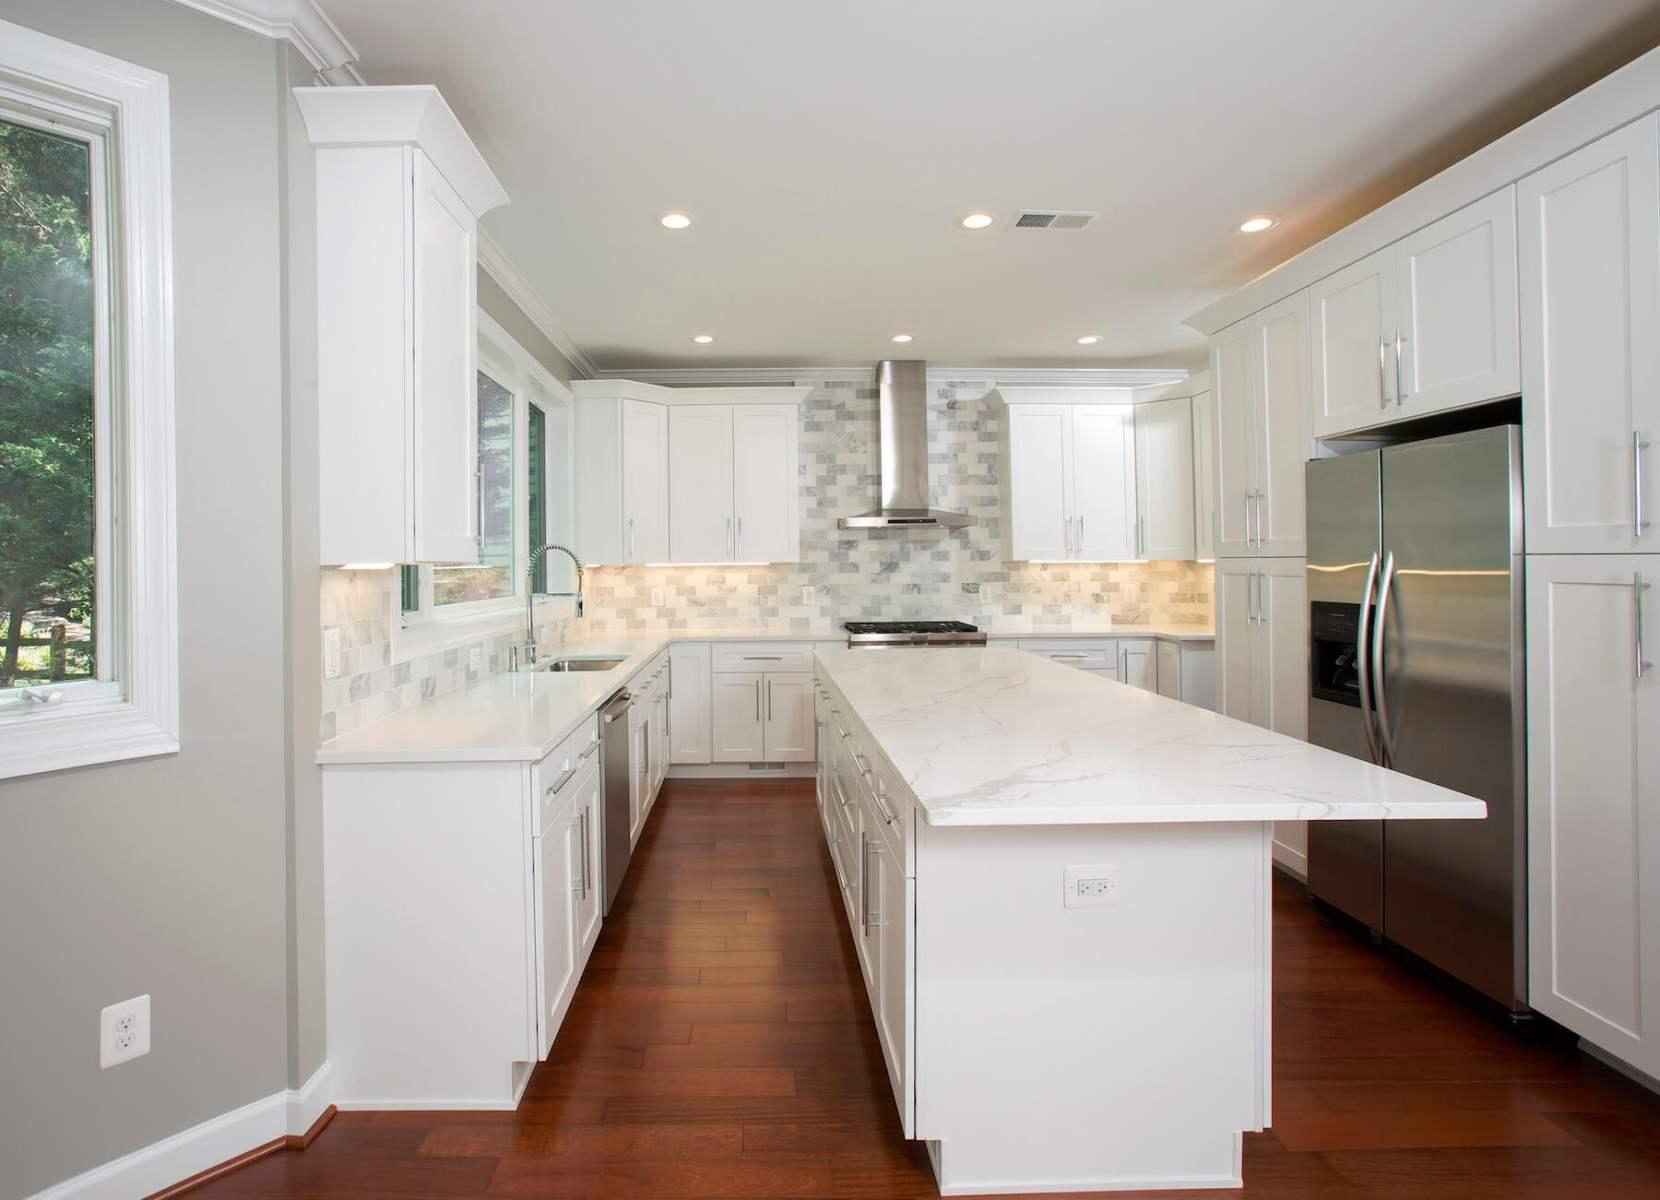 kitchen_7-27-18_308